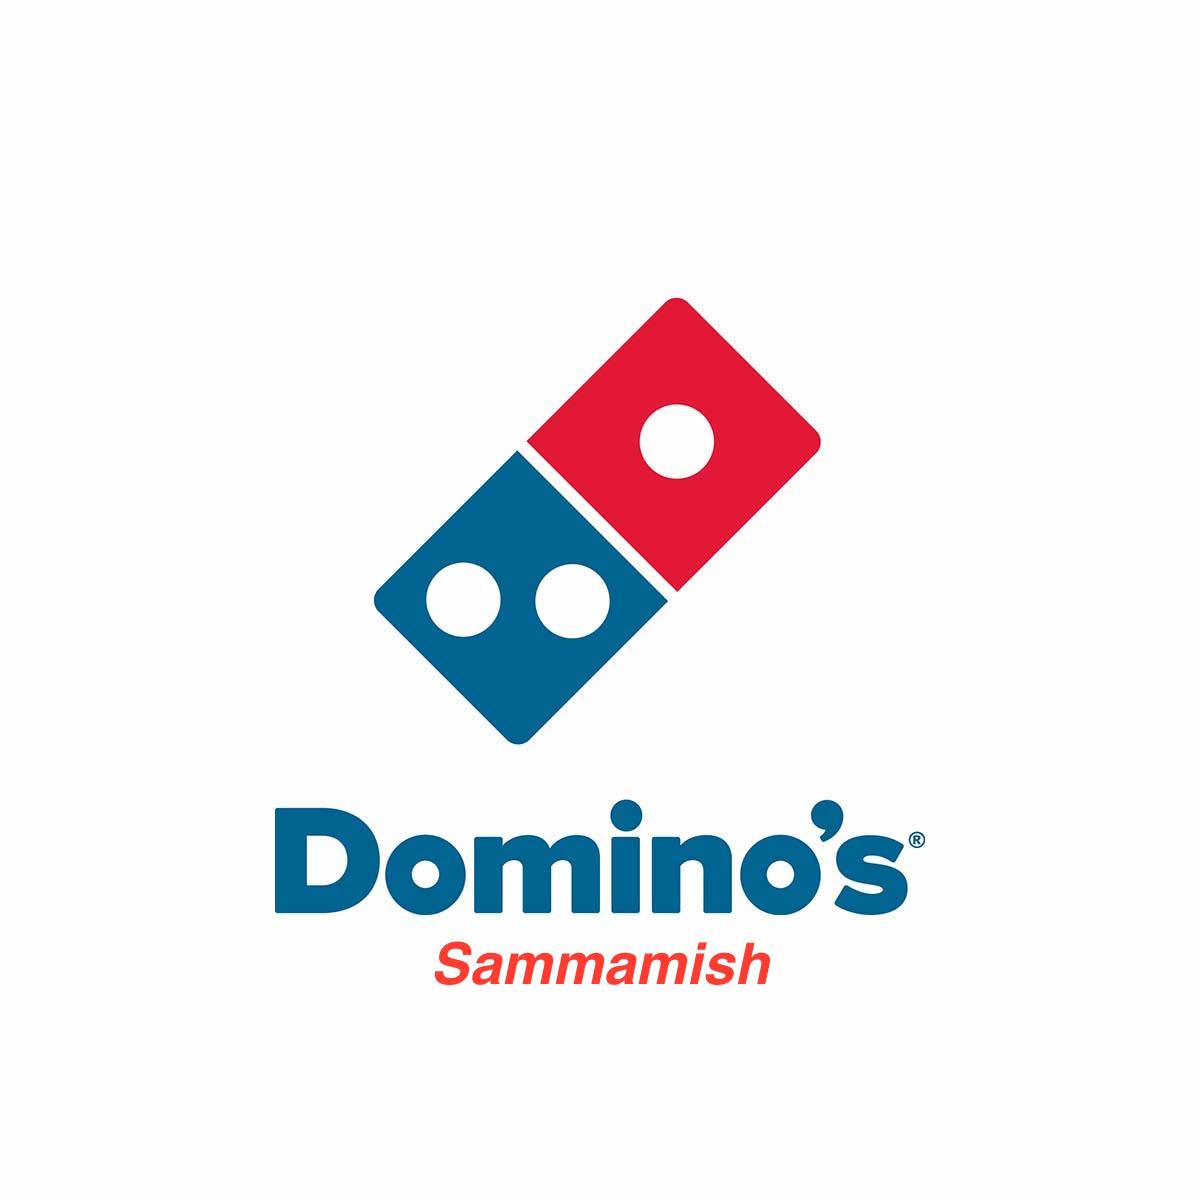 Domino's Sammamish.jpg